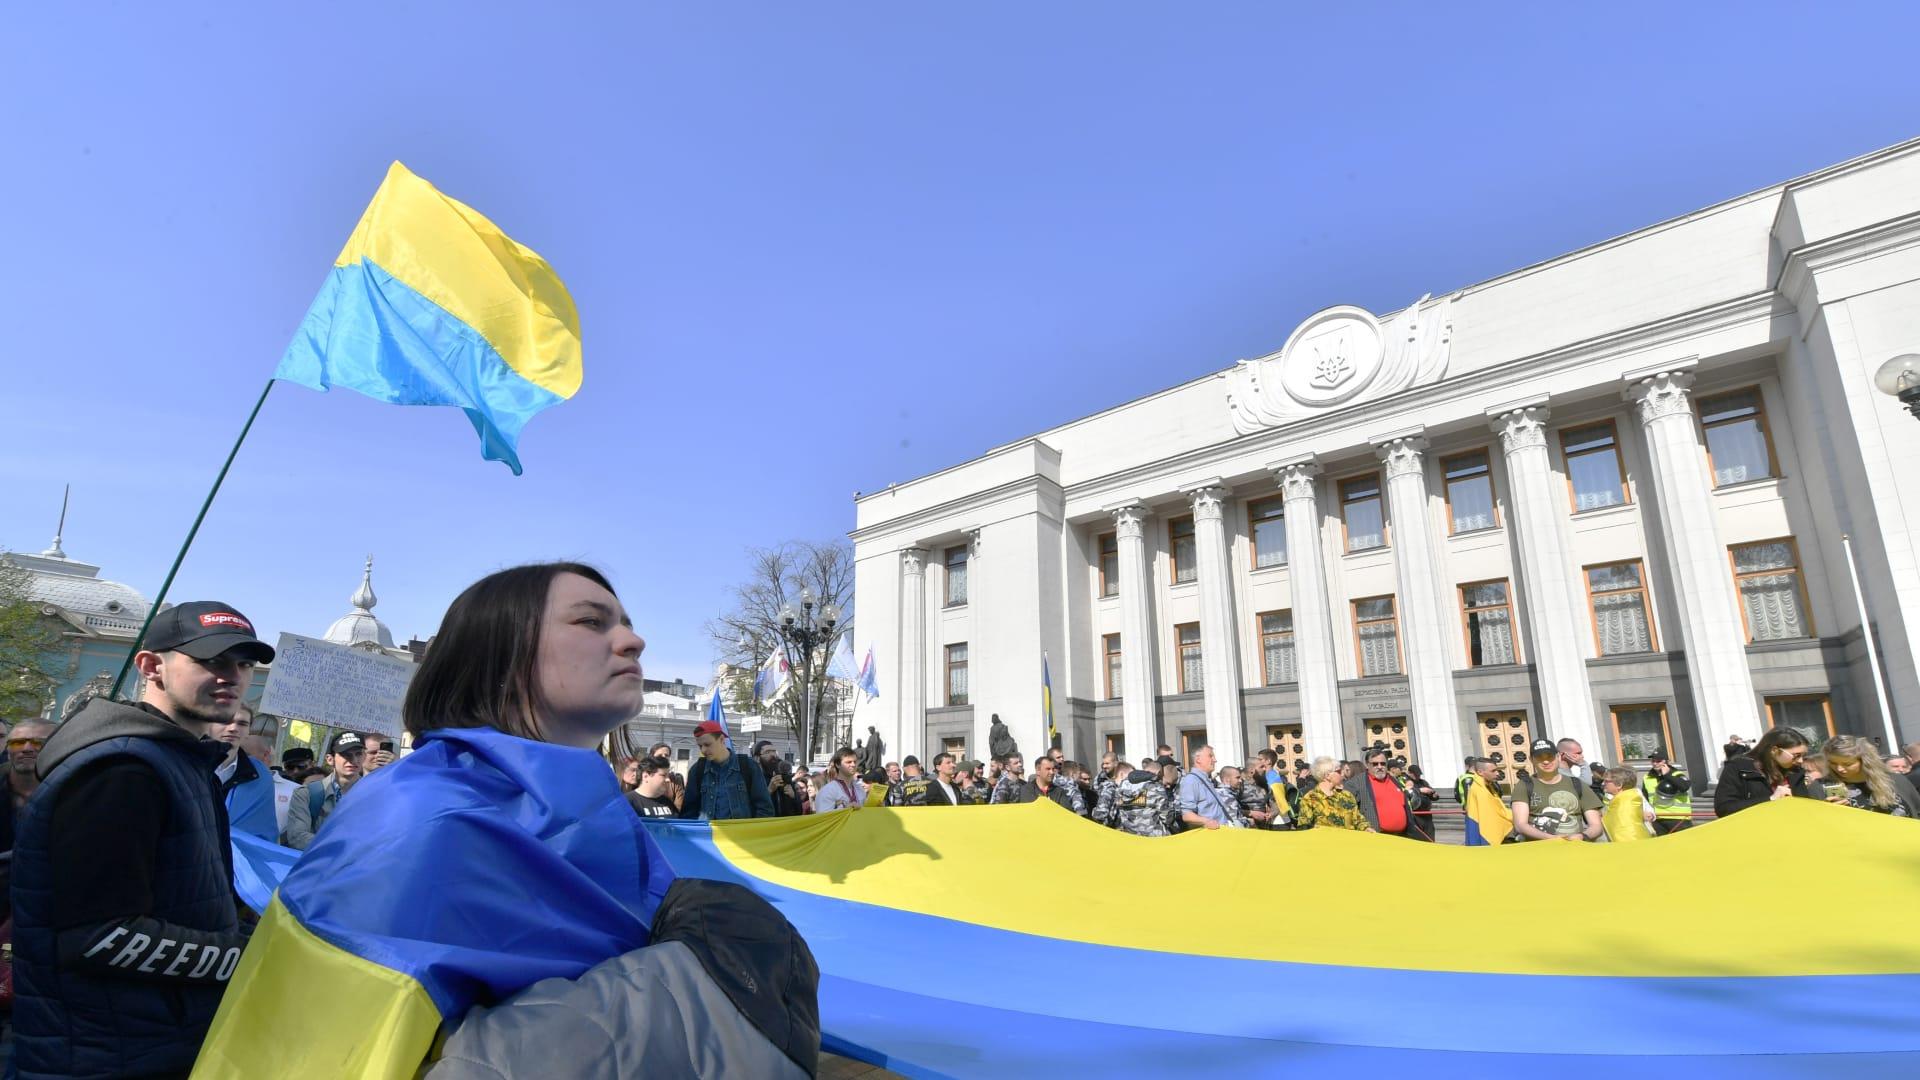 أوكرانيا تطرد دبلوماسيًا روسيًا في خطوة انتقامية ردًا على طرد قنصلها في سان بطرسبرغ